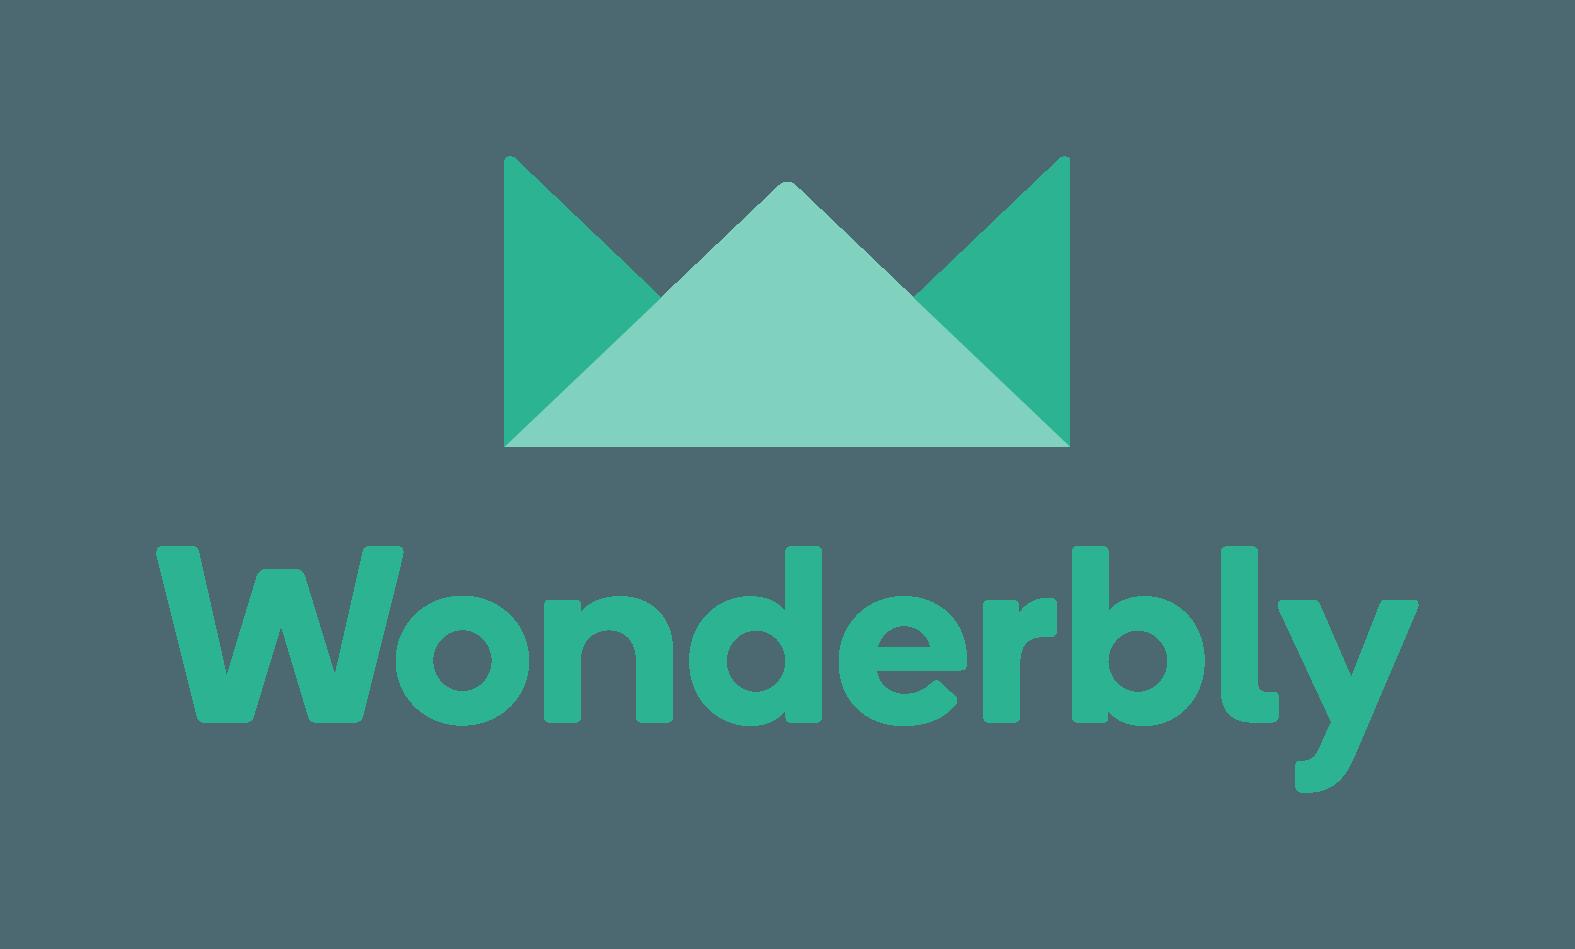 Wonderbly company logo